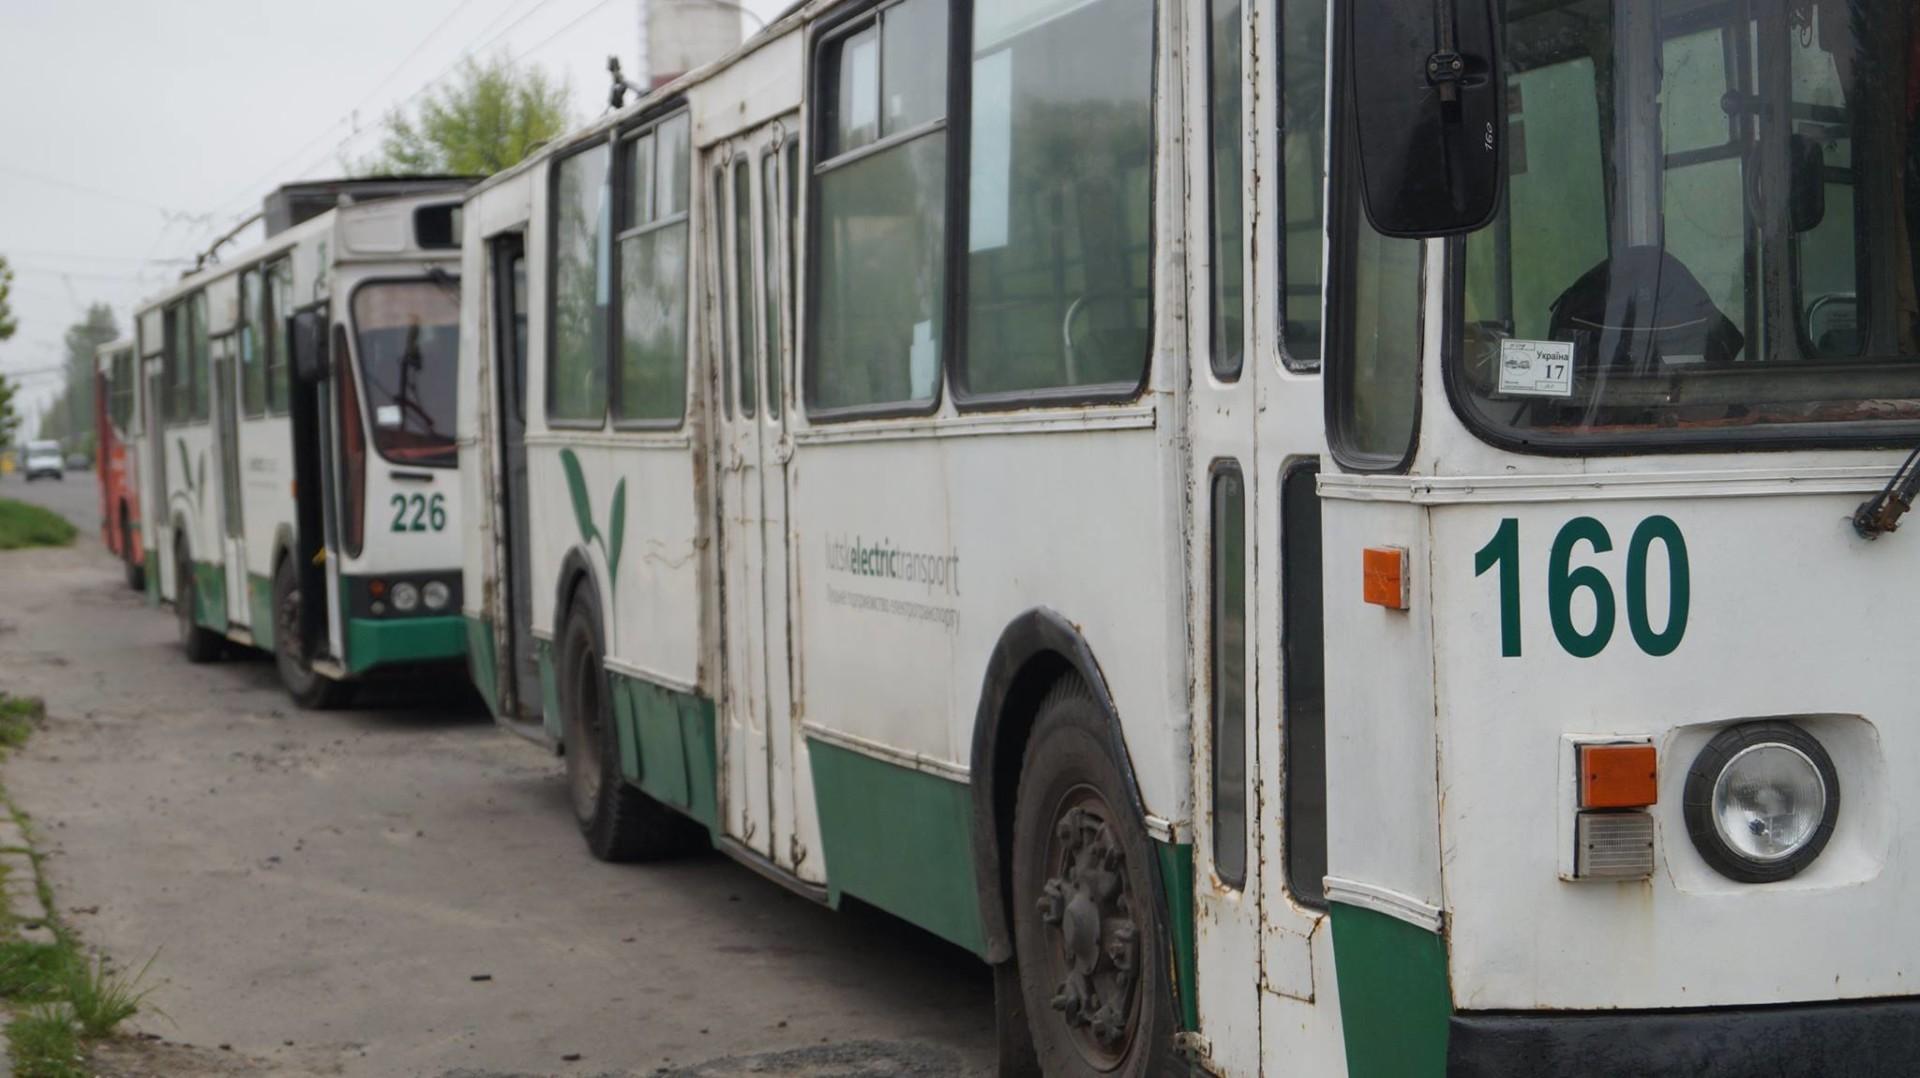 Ціну на проїзд у луцьких тролейбусах хочуть підняти